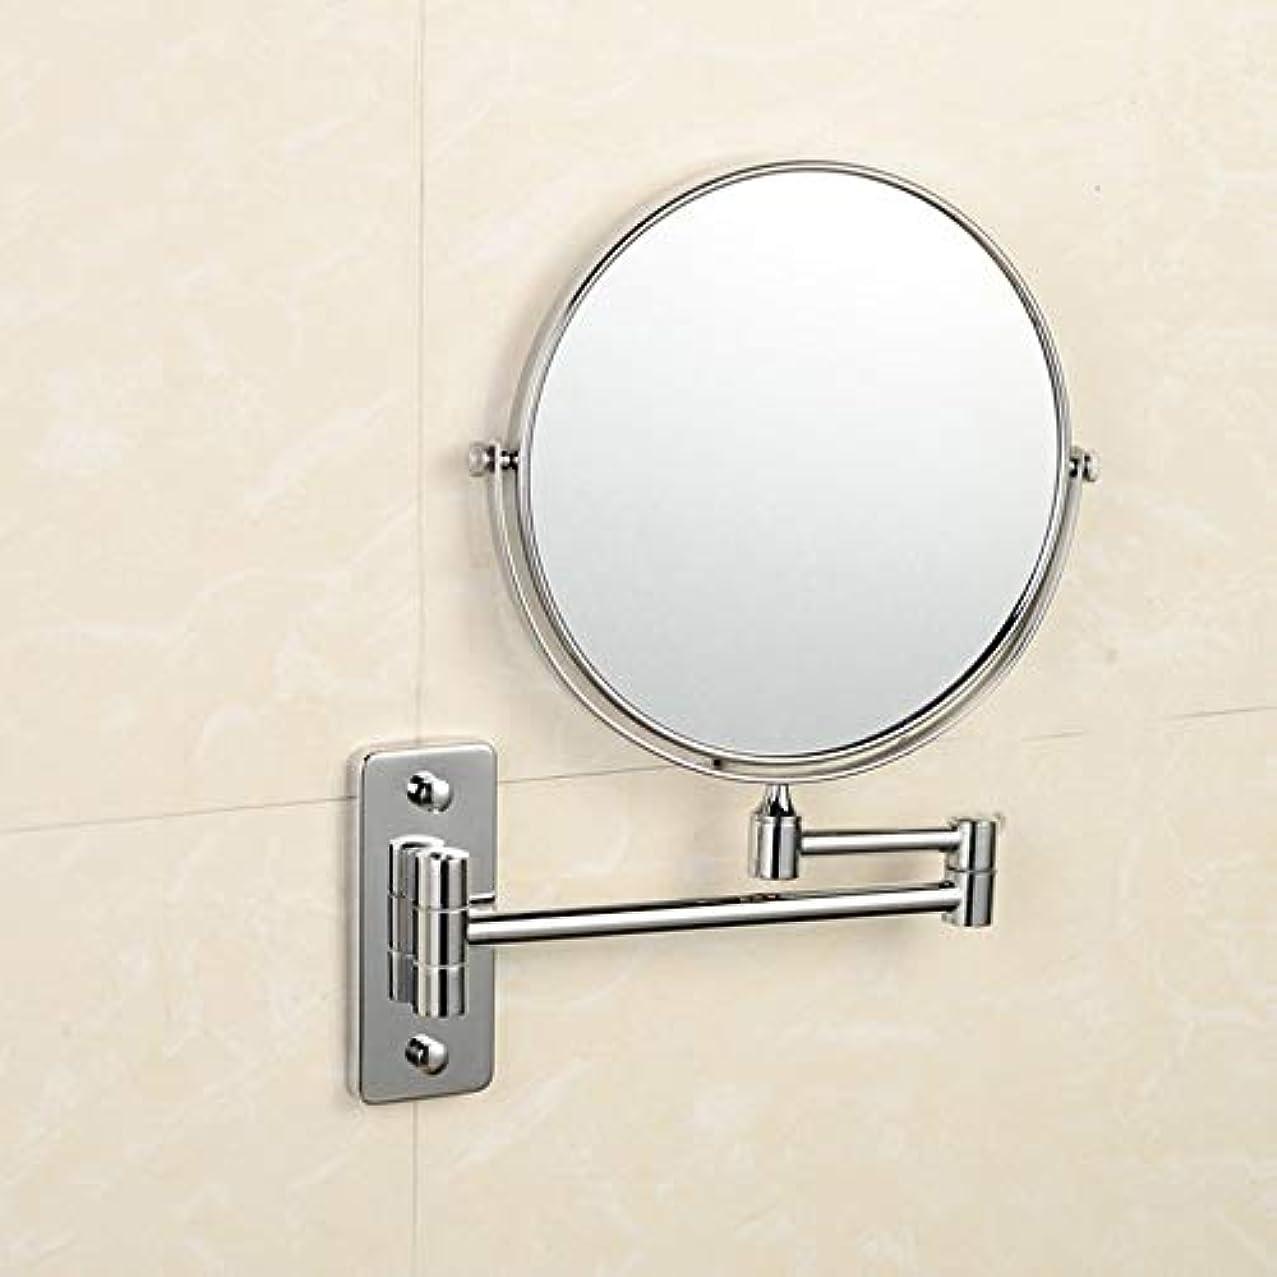 お風呂ペンフレンド体現する流行の 銅浴室鏡折りたたみ伸縮性格人格美人表裏面360度回転壁掛け虫眼鏡ミラーシルバーホームビューティーミラー浴室